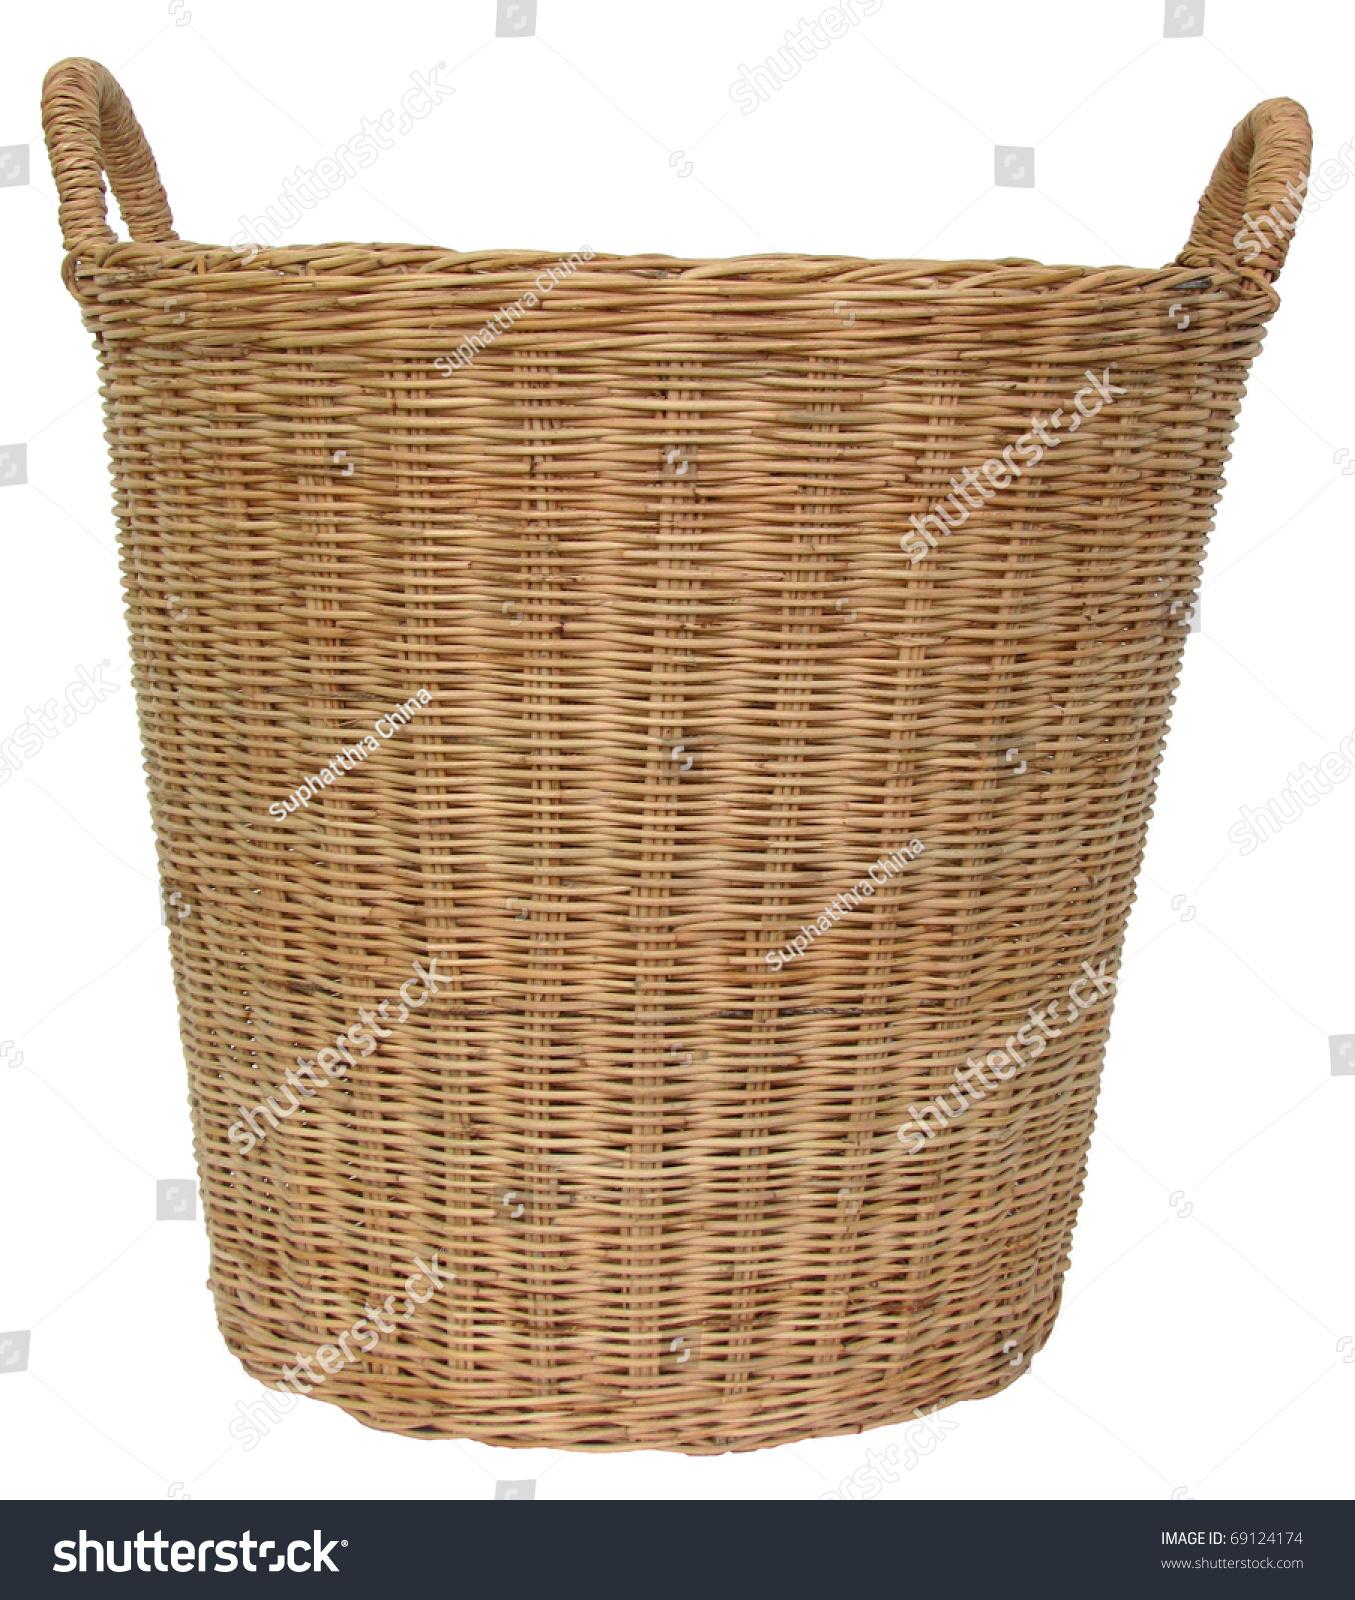 泰国柳条篮子是手工制作的